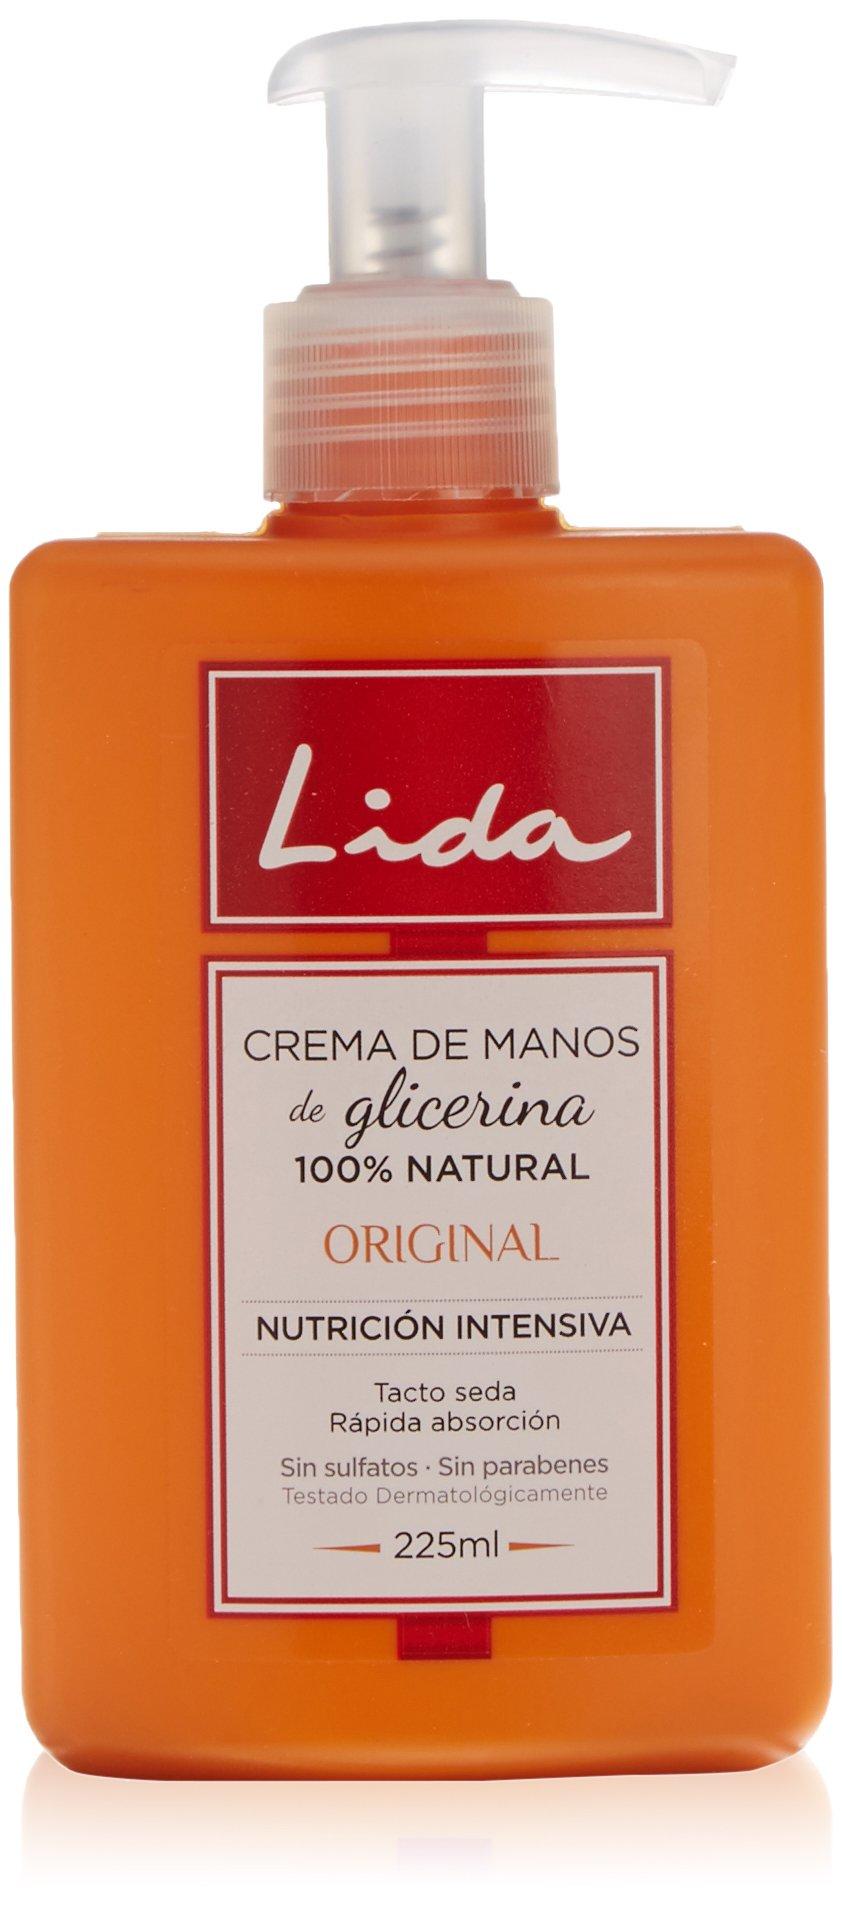 Lida Glicerina Original Crema de Manos – 225 ml